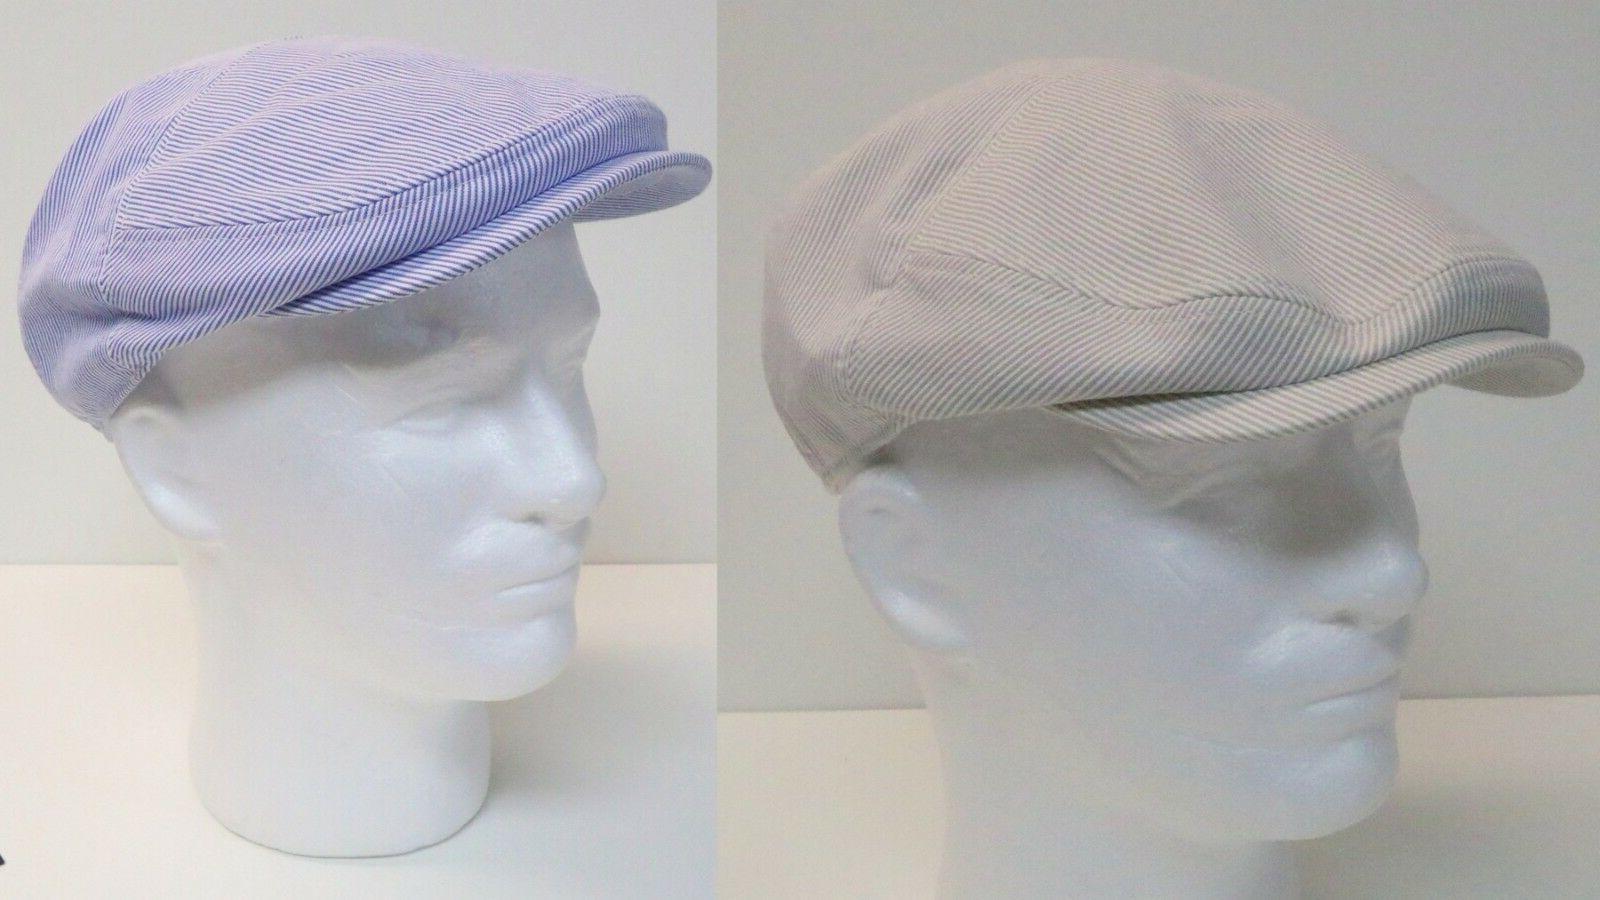 HENSCHEL NEW SHAPE IVY MEN'S PINSTRIPE HAT NEWSBOY CAP 100%